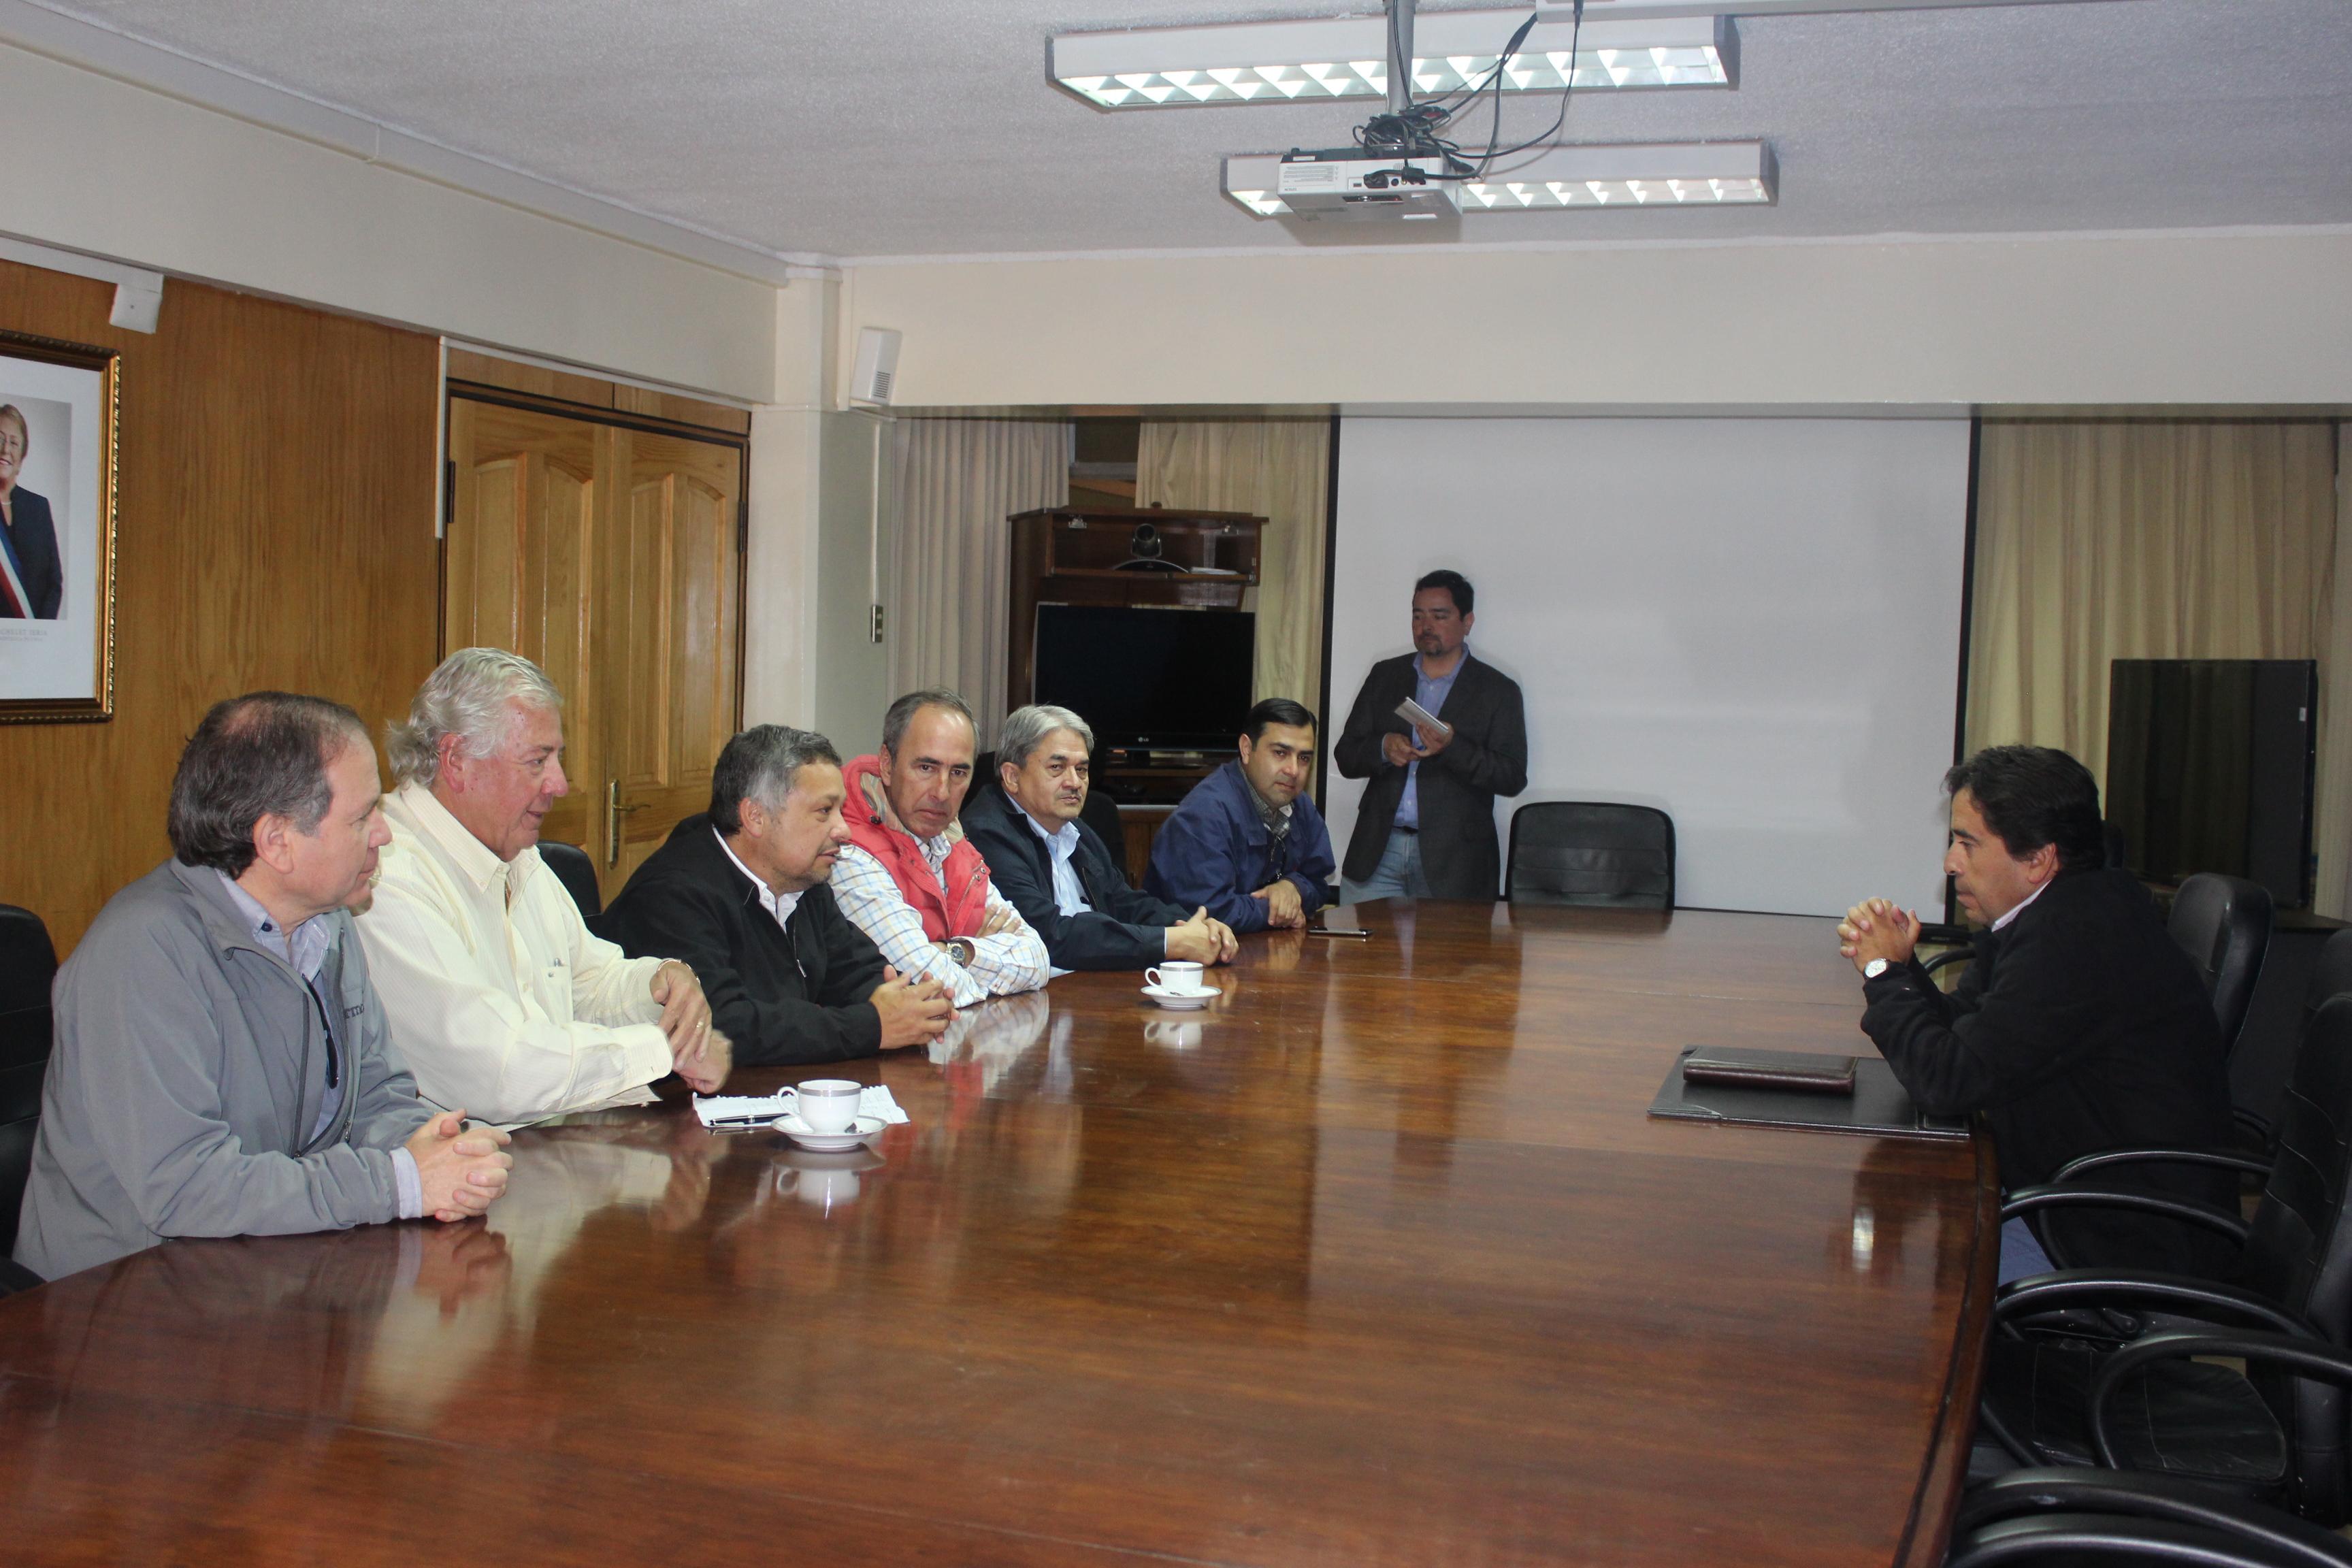 Presidentes de SOFOFA, CNC y CORPROA disponen apoyo a autoridades para reconstrucción y levantamiento de Atacama